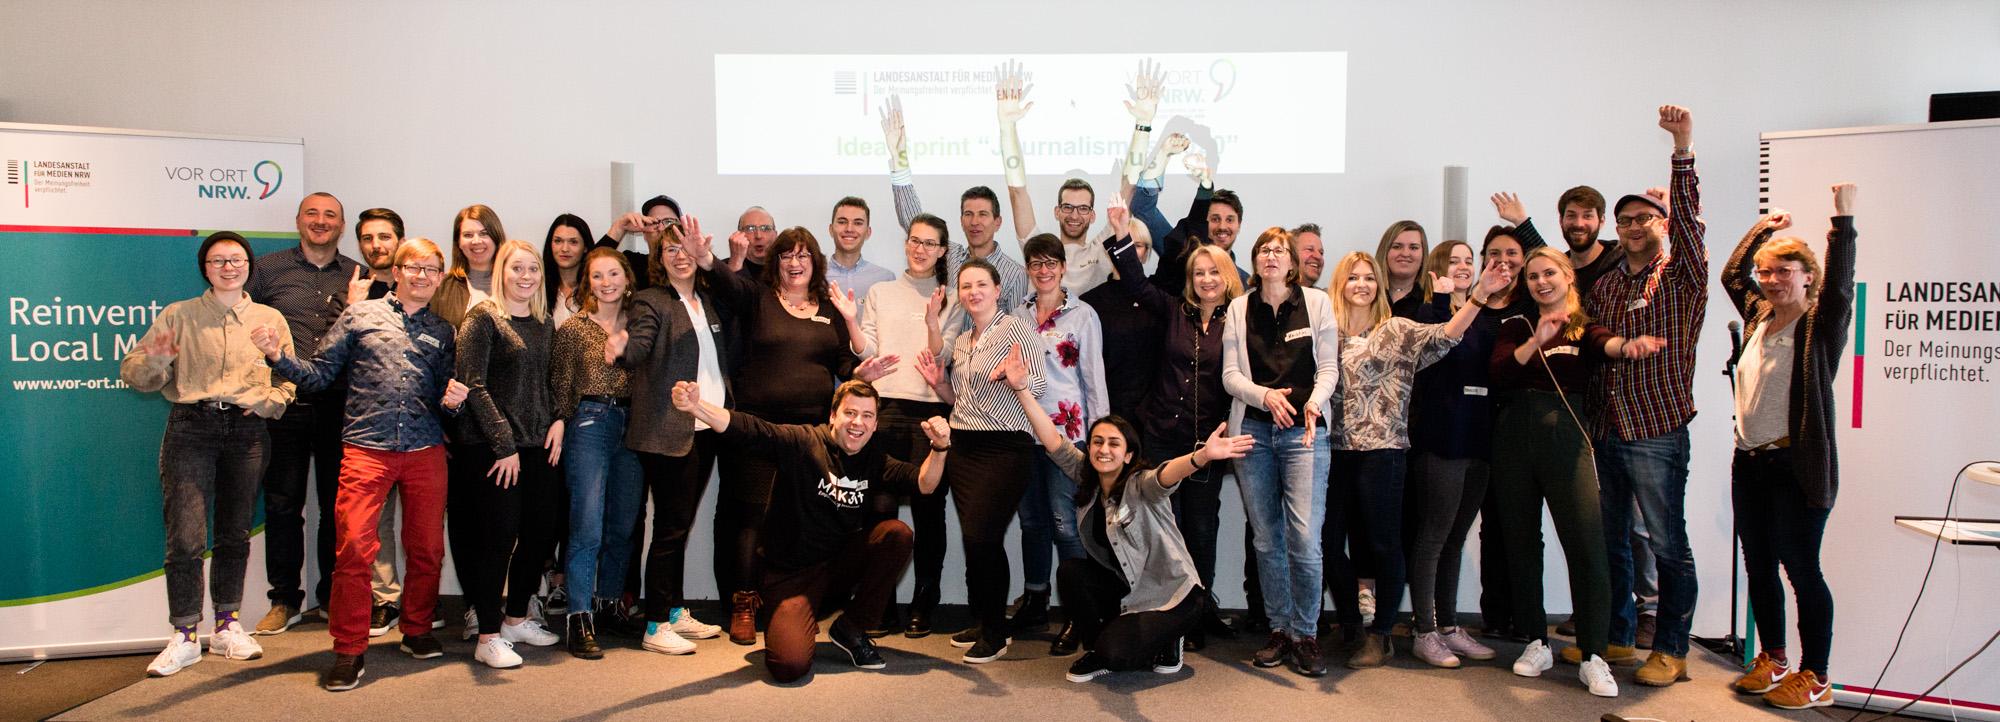 Gruppenbild der Teilnehmenden des Idea Sprint 2019.